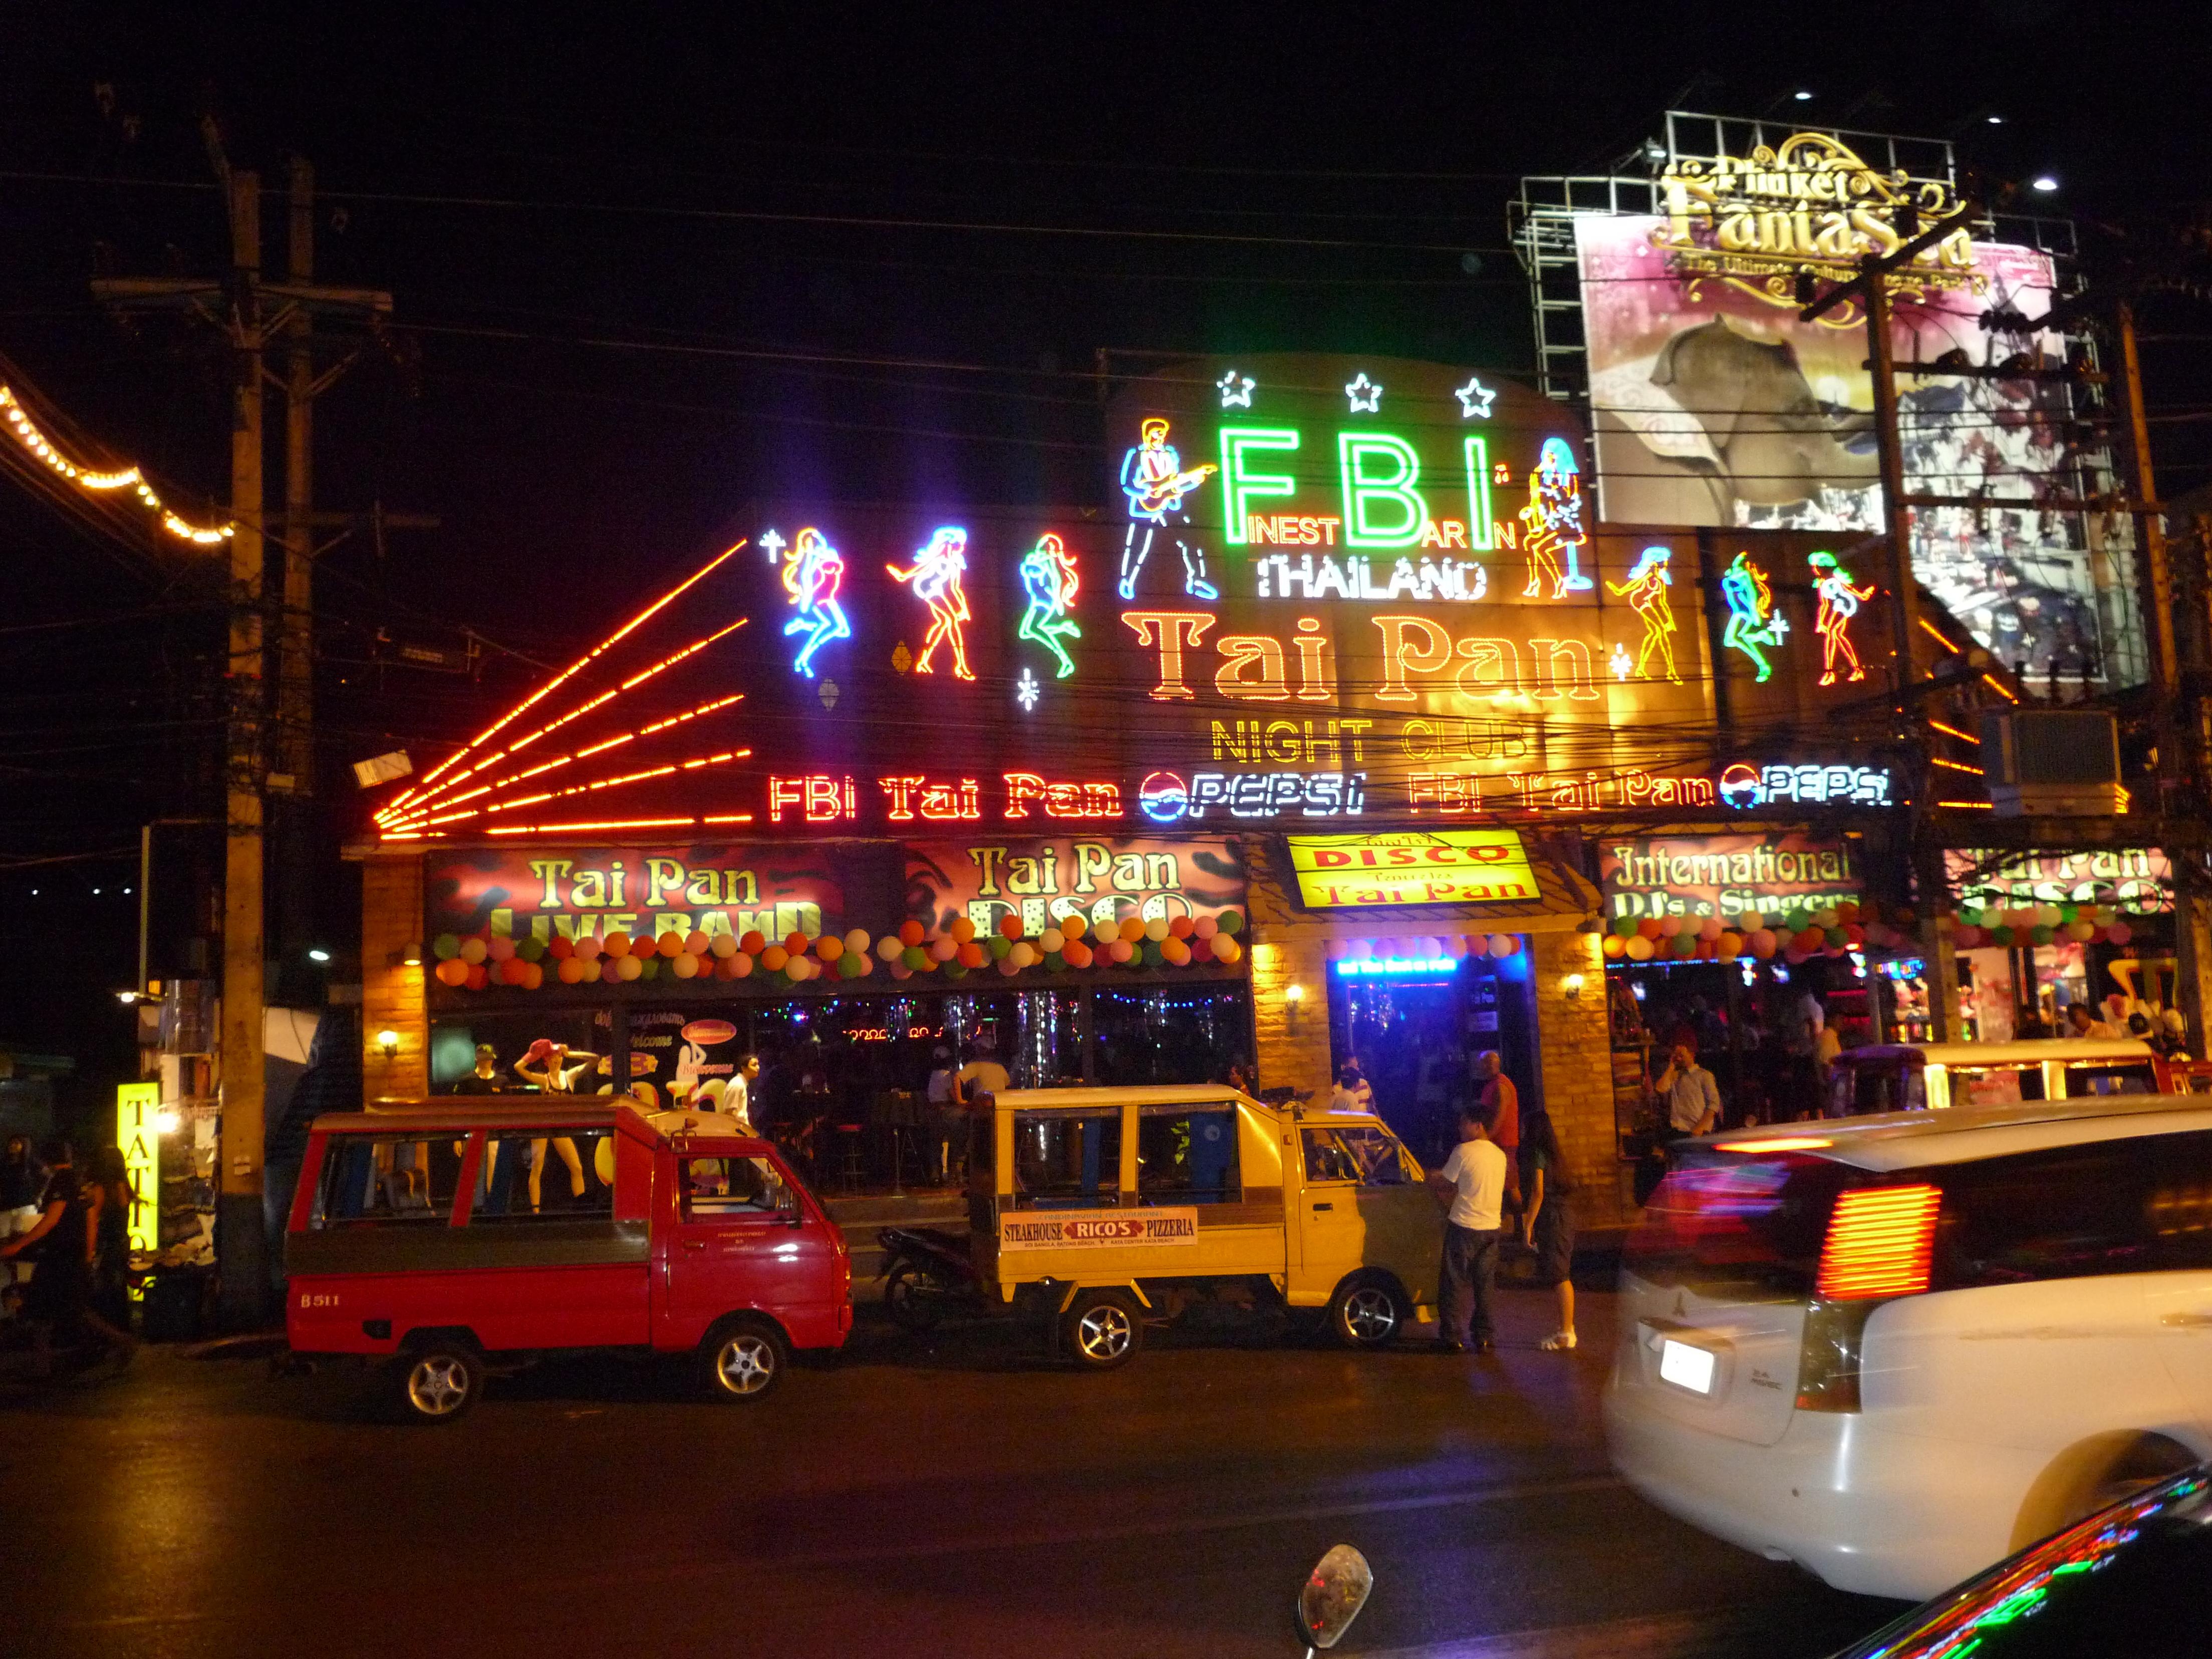 Patong_traffic_at_night_02